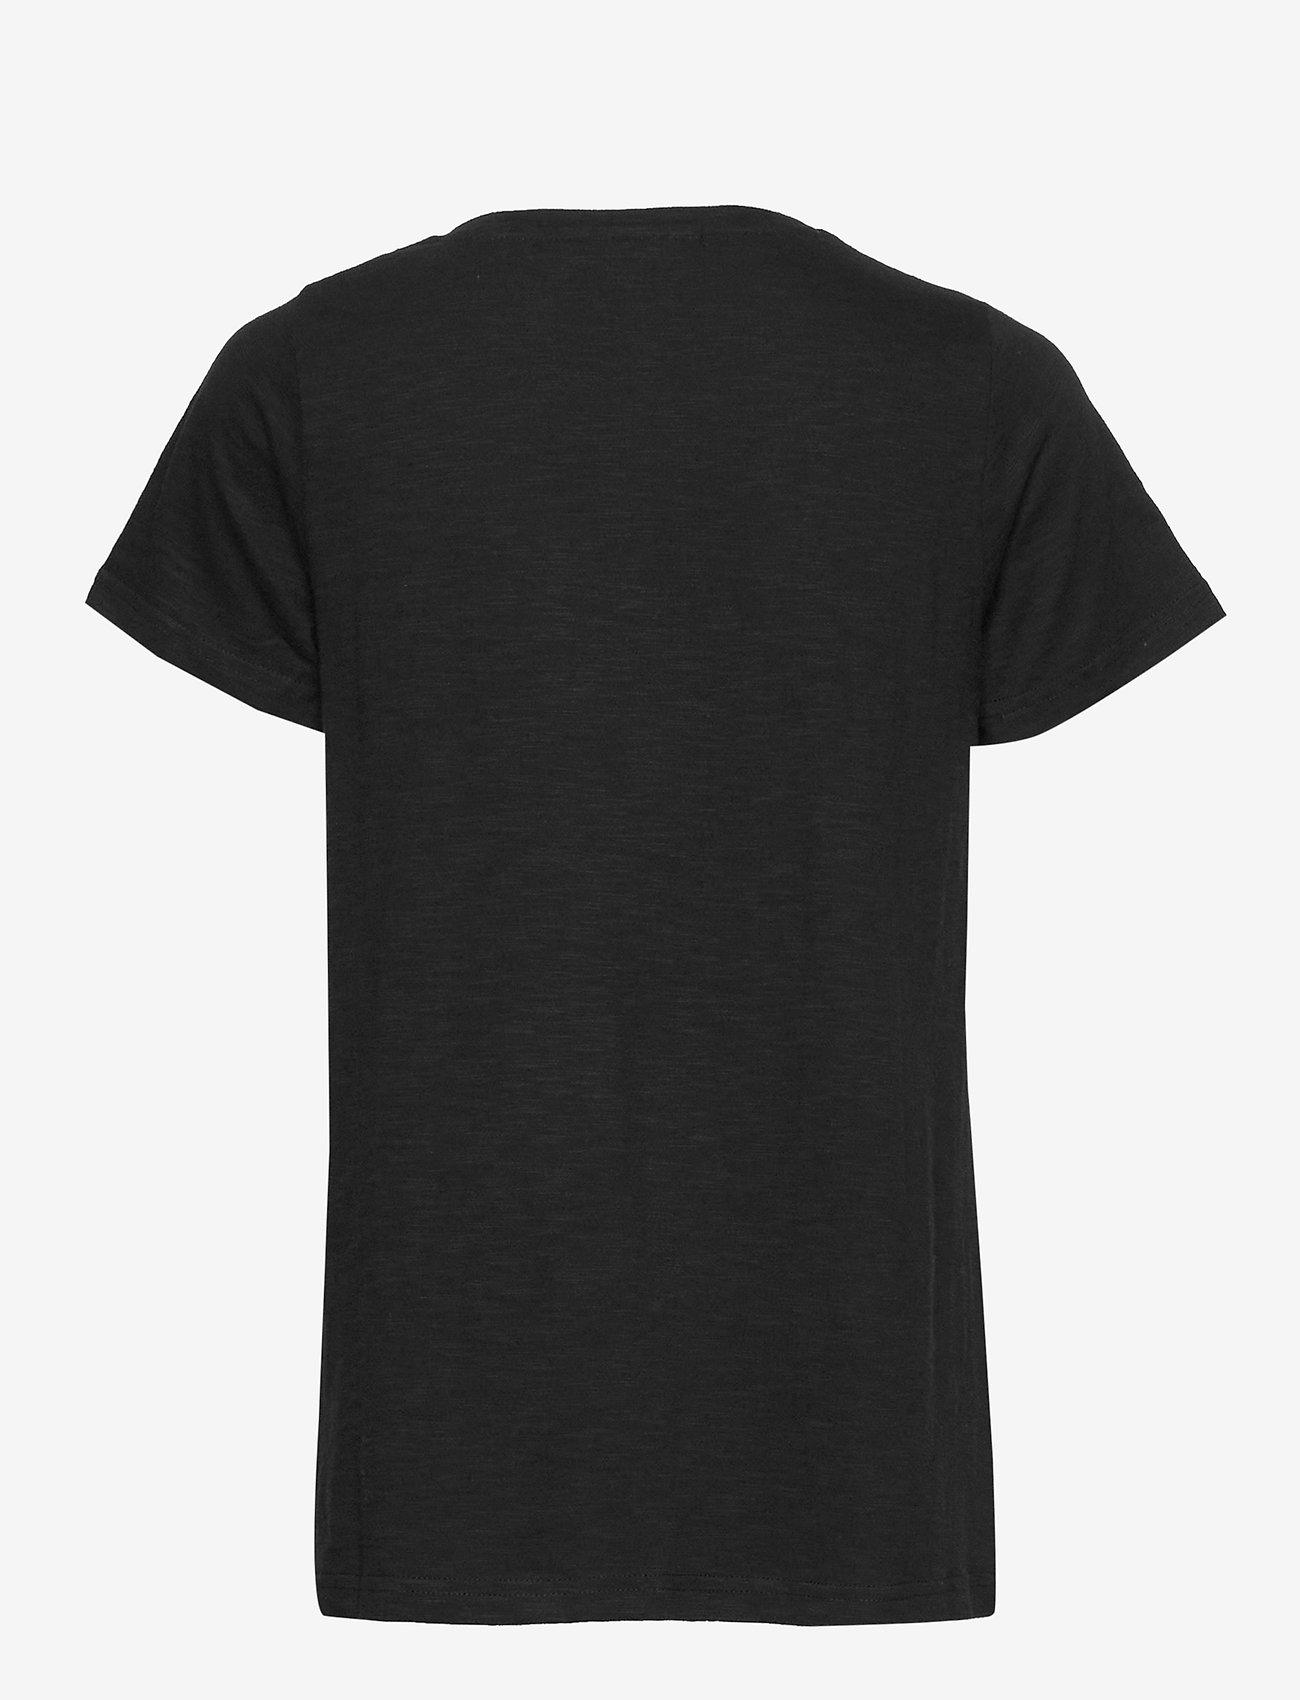 Noa Noa - T-shirt - t-shirts - black - 1